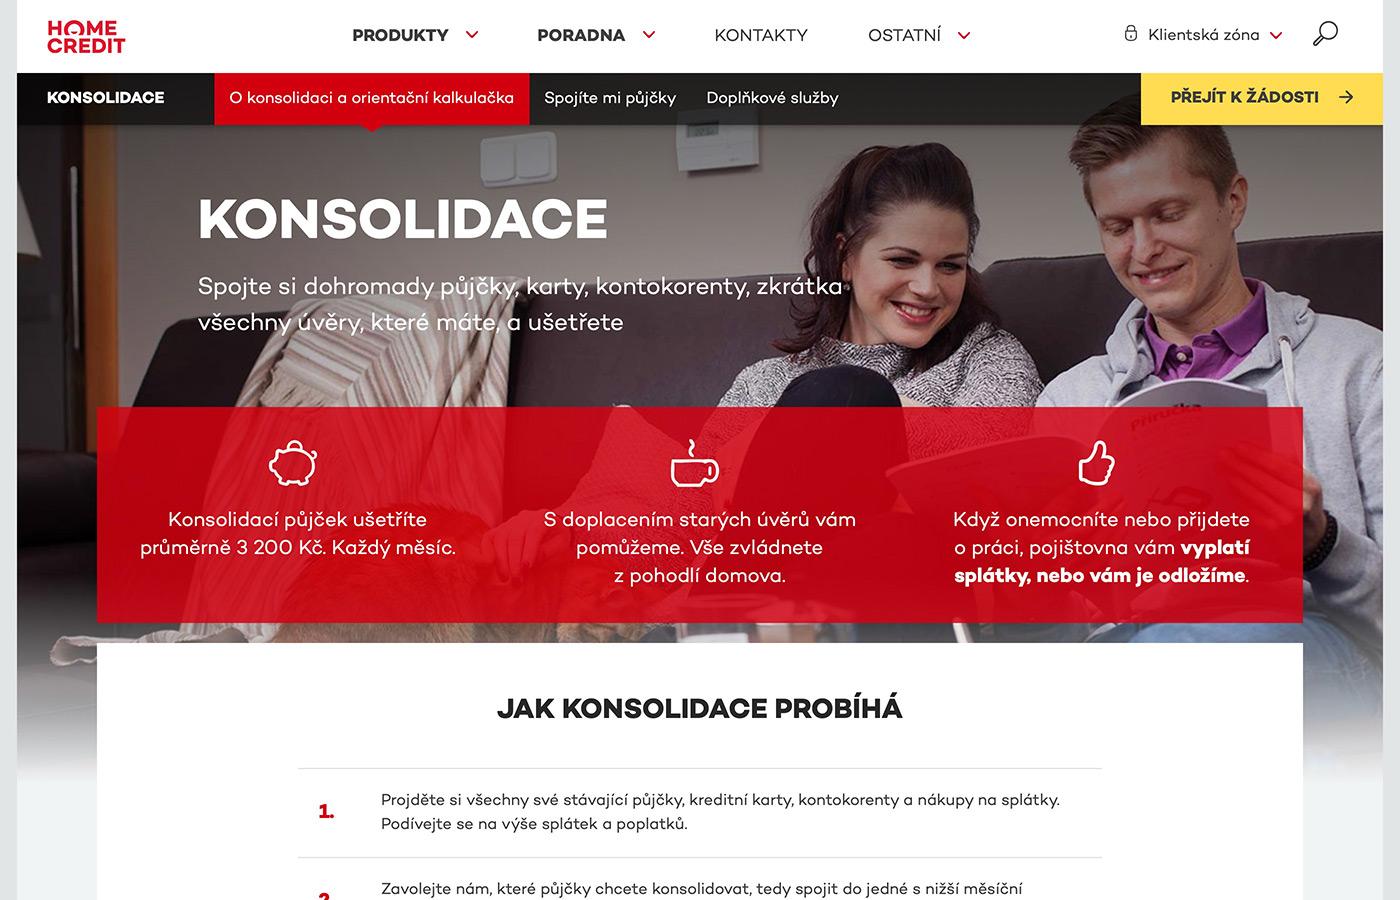 Webové stránky https://www.homecredit.cz/konsolidace-pujcek